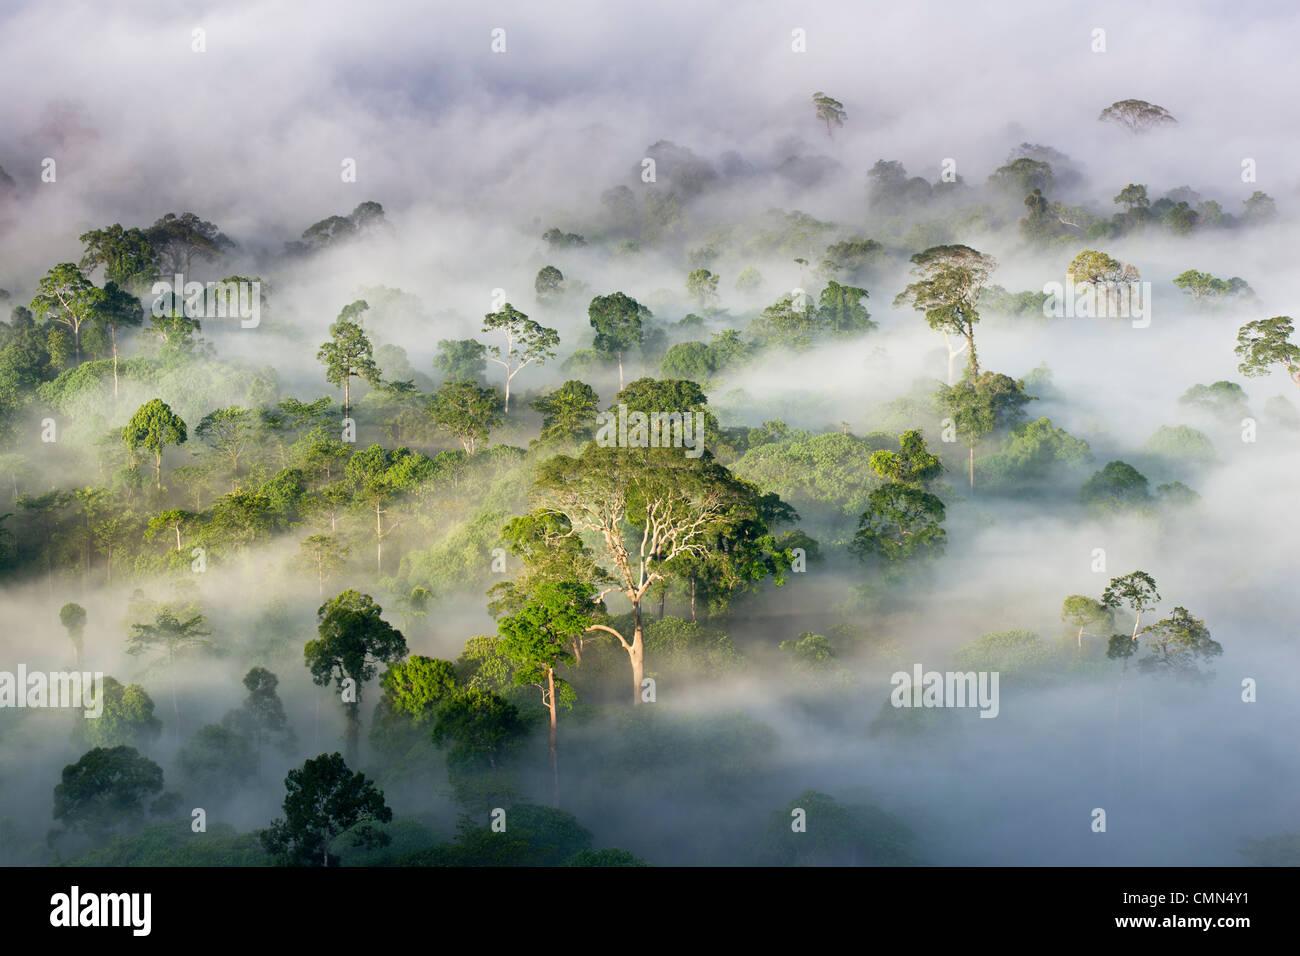 Nebel und niedrige Wolken hängen über Dipterocarp Tieflandregenwald, kurz nach Sonnenaufgang. Herzen der Danum Valley, Stockfoto